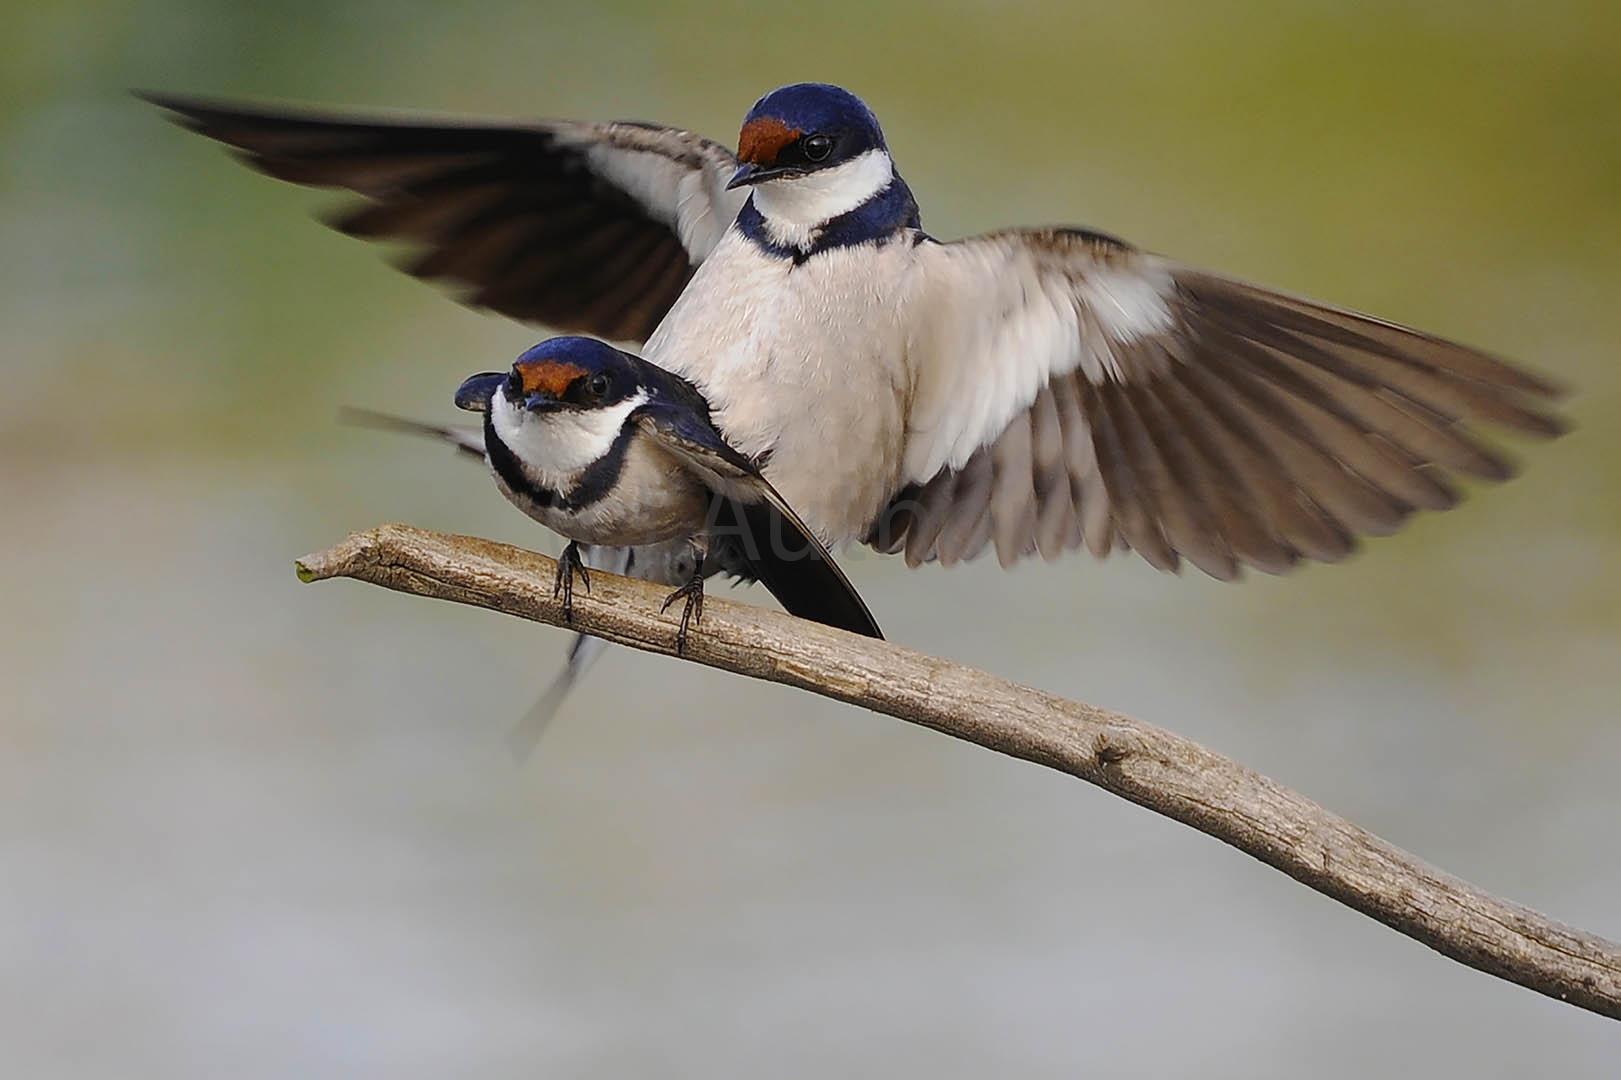 4_NA_mating swallows_des alexander